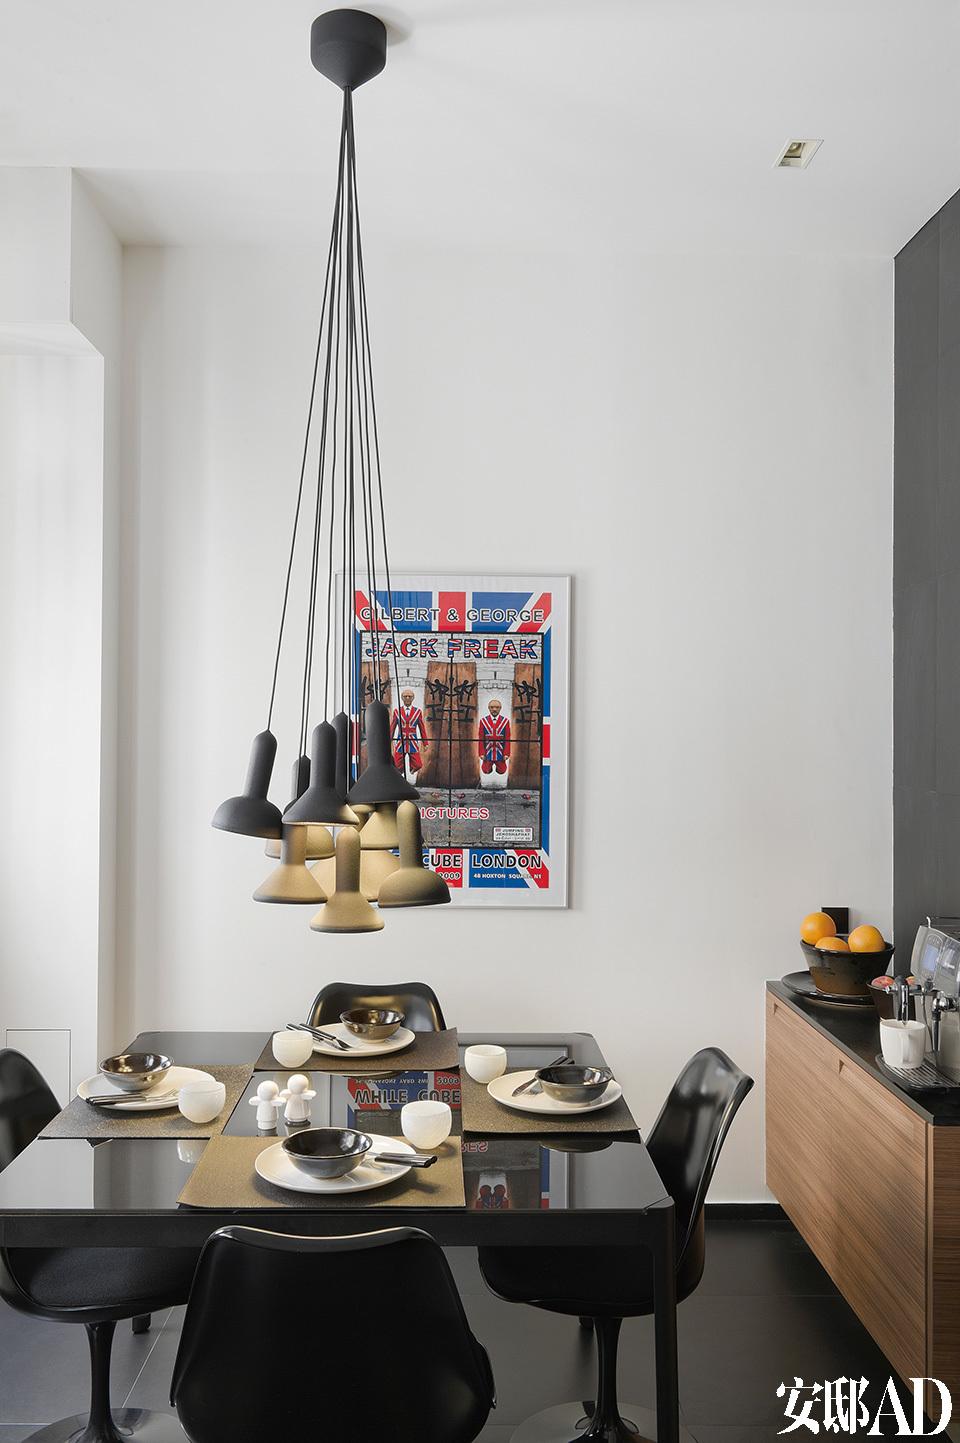 精致的整体厨房选用了美国的Varenna Poliform for Silvera整体橱柜,胡桃木亚光柜面搭配着黑色的花岗岩工作台。黑色的Knoll Tulip餐椅围绕着来自宜家家居的餐桌,桌上的吊灯来自Torch Established and Sons,壁灯和柜灯来自Adonde。